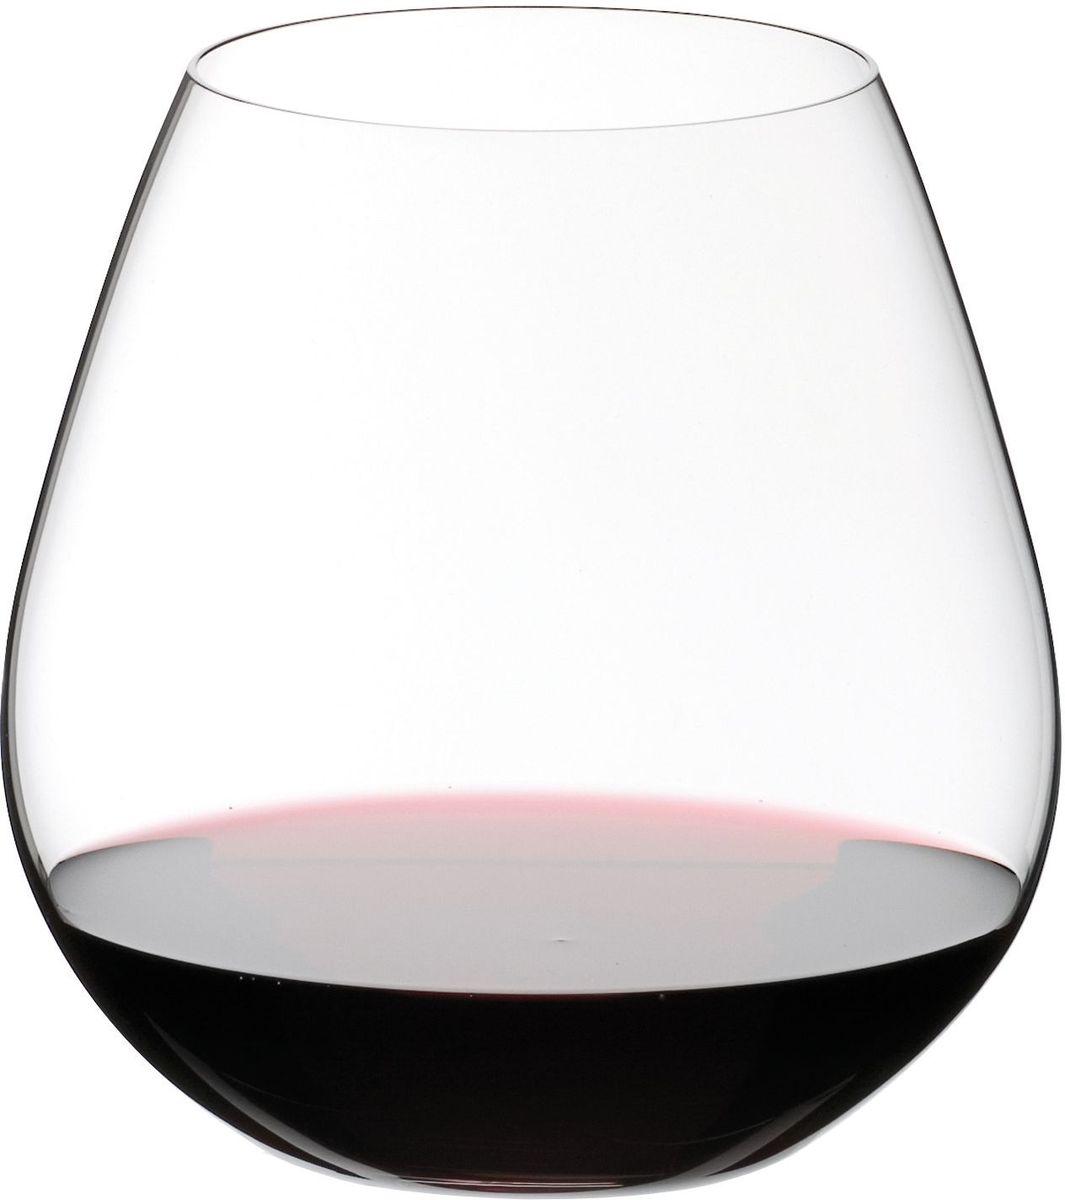 Набор бокалов для красного вина Riedel O. Pinot. Nebbiollo, 690 мл, 2 штVT-1520(SR)Хрустальные бокалы Riedel O. Pinot. Nebbiollo прекрасно впишутся в любую сервировку стола. Они отлично подойдут для красного вина. Бокалы Riedel очень удобны для каждодневного использования, они легки в уходе.Высота: 11,2 см.